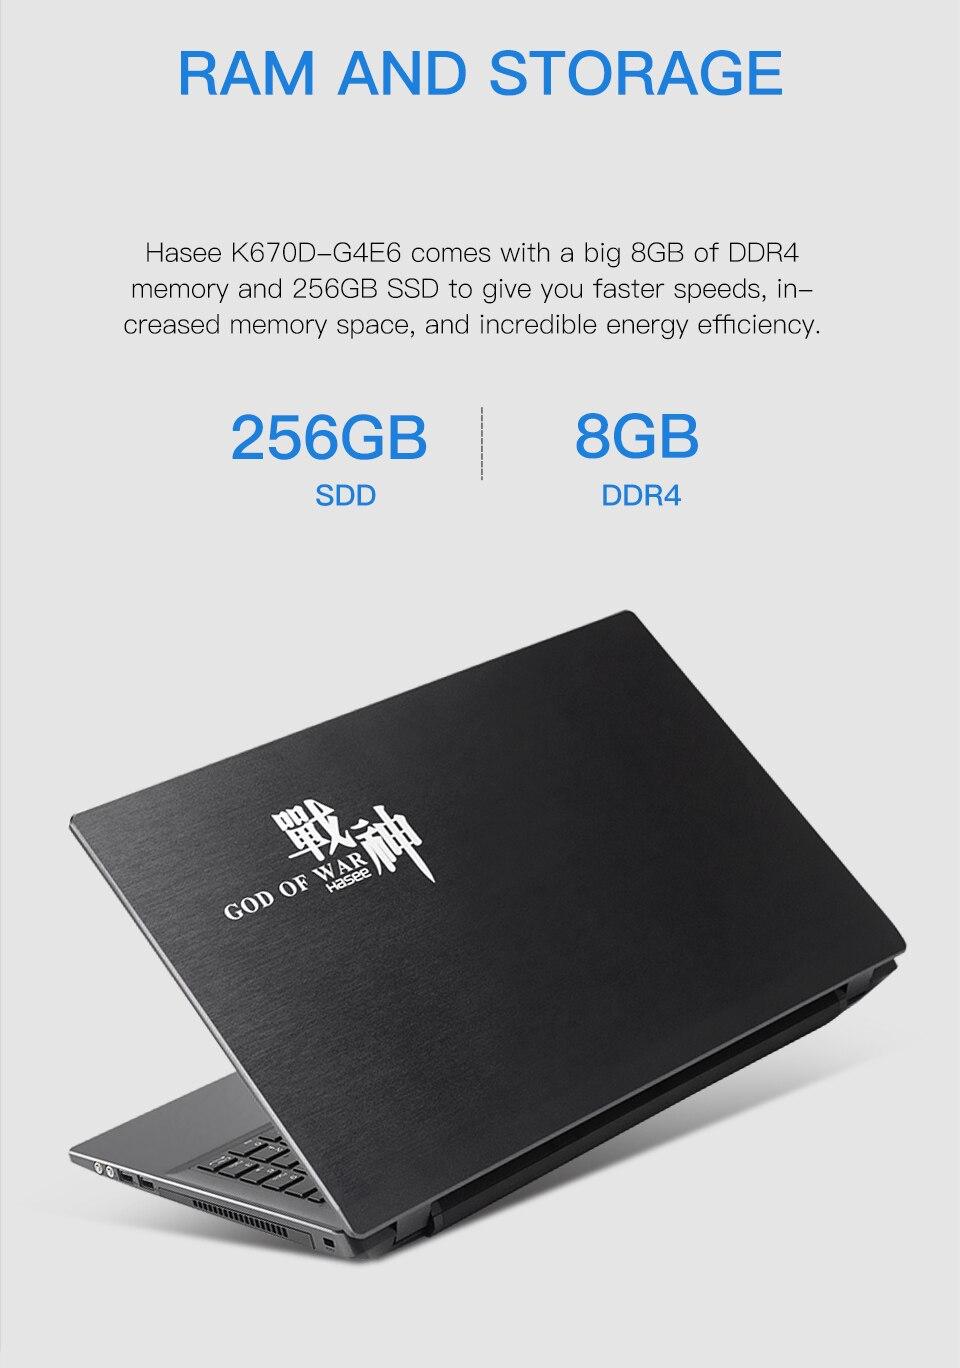 Hf3f6409e58074173a4770f4f50b41e26f Hasee K670D-G4E6 Laptop for Gaming (Intel 9Gen G5420+GTX1050 4G/8G RAM/256G SSD/15.6'' IPS)Hasee desktop-grade notebook